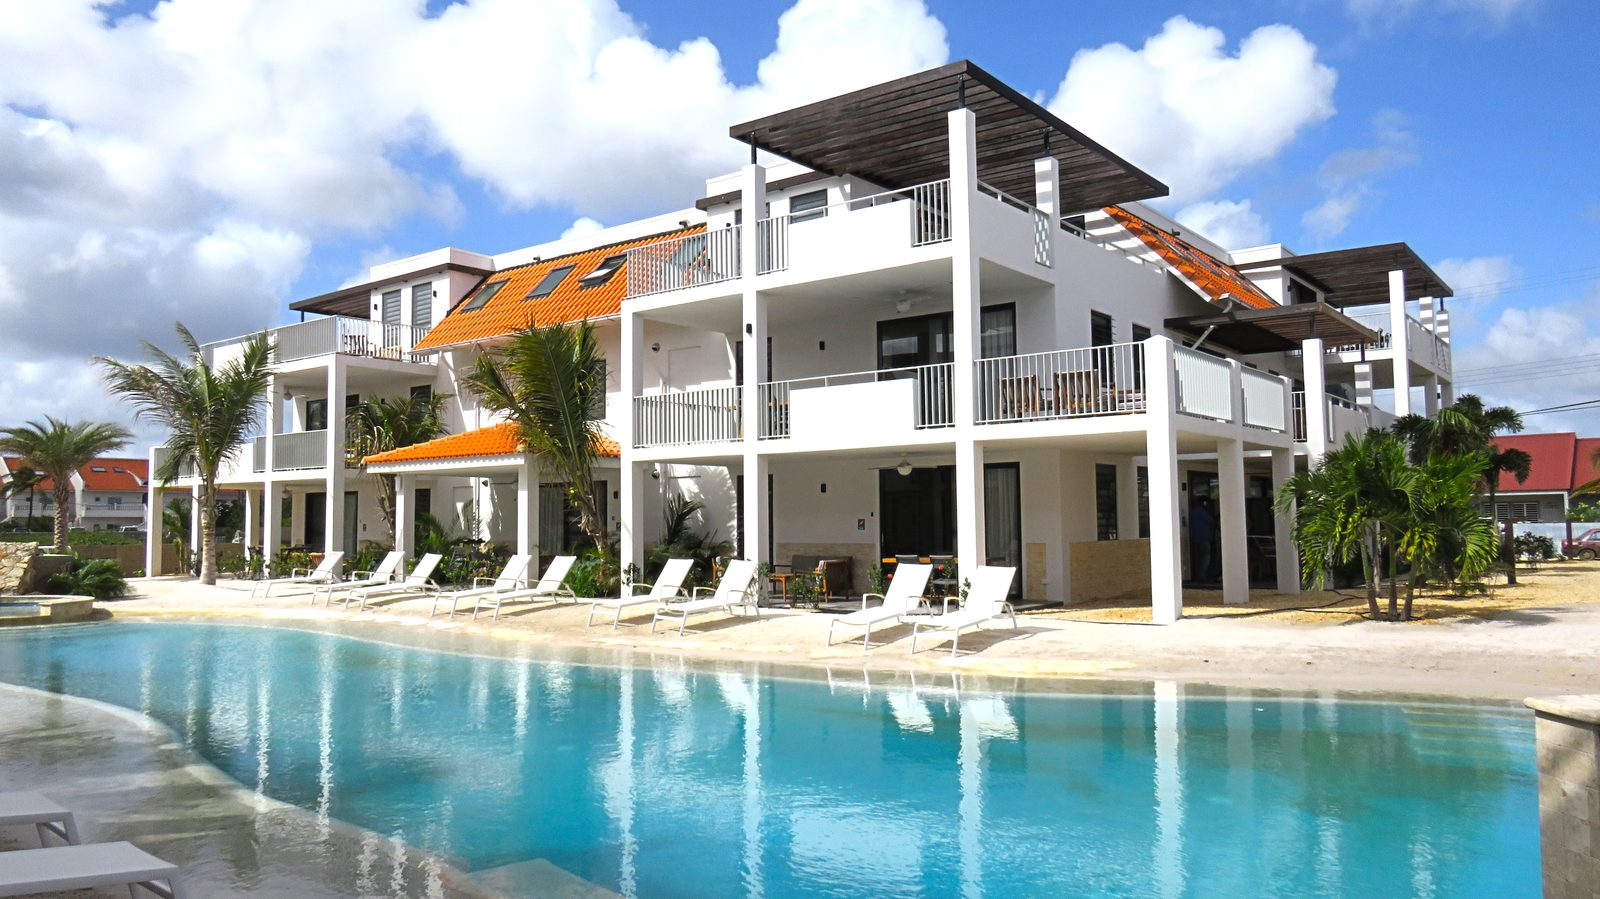 Suchen Sie nach einer Aufenthaltsmöglichkeit auf Bonaire? Dann entscheiden Sie sich für das Resort Bonaire. Ein neues Luxus-Resort mit Appartements, die alles bieten, was Sie brauchen.